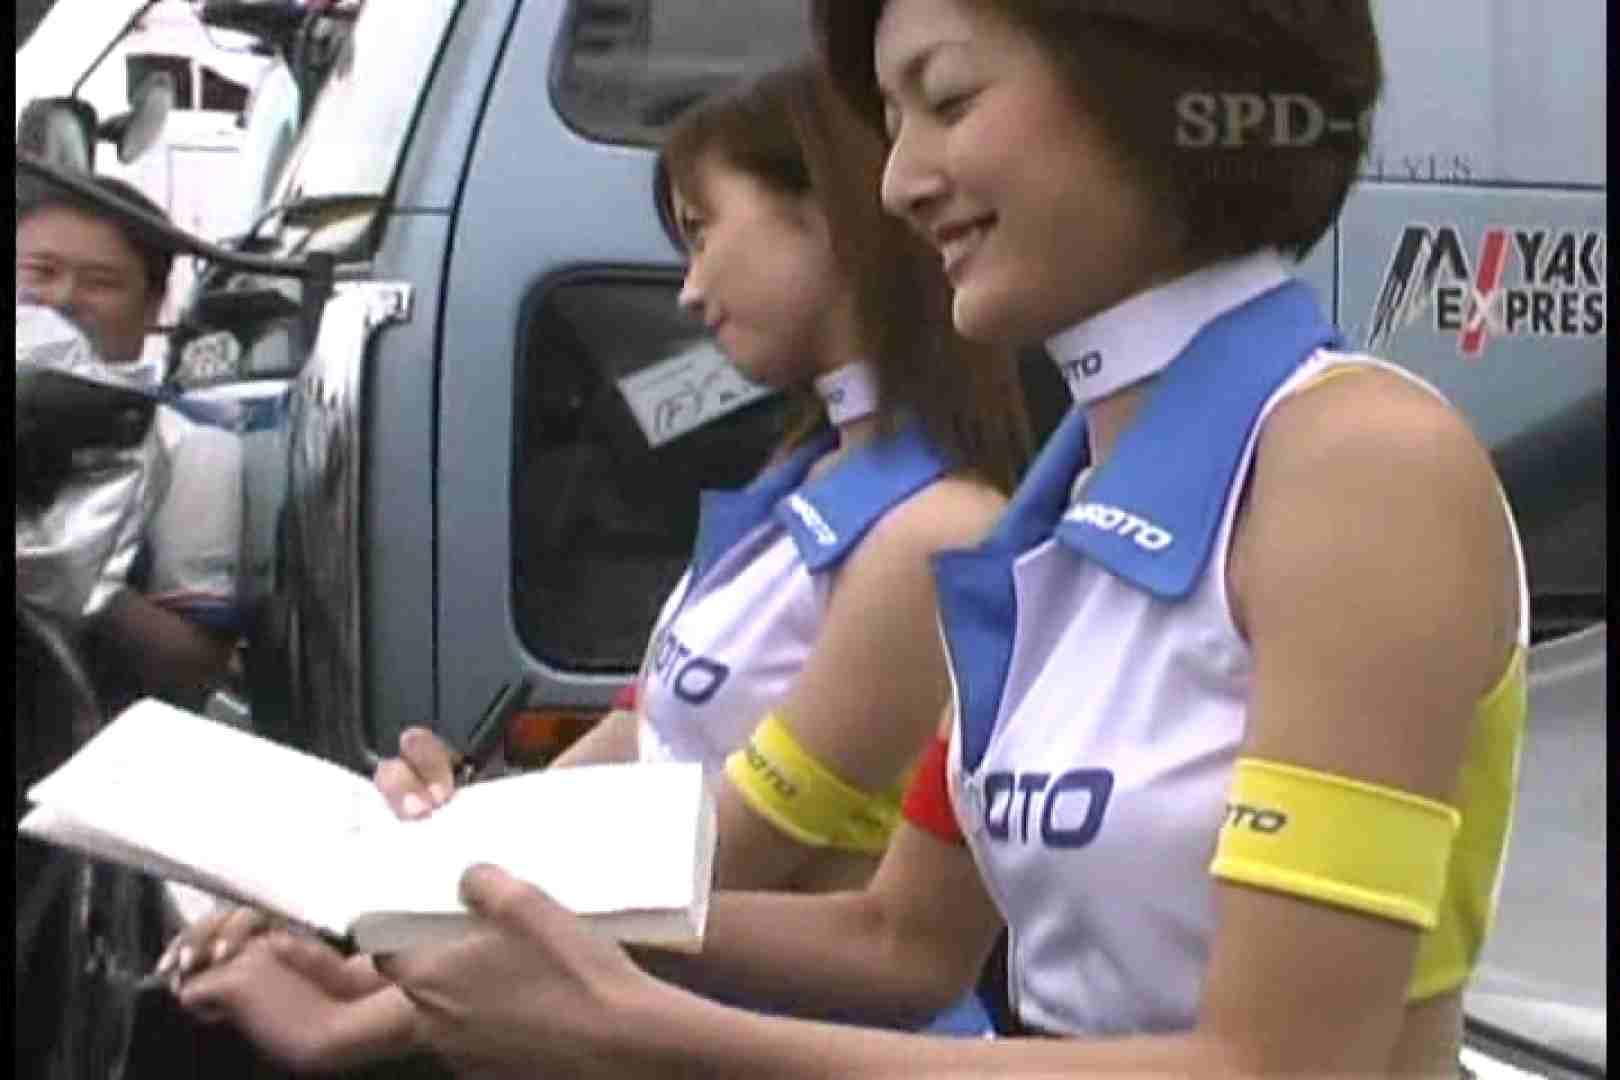 高画質版!SPD-001 サーキットの女神達 Vol.00 名作映像  109PIX 93